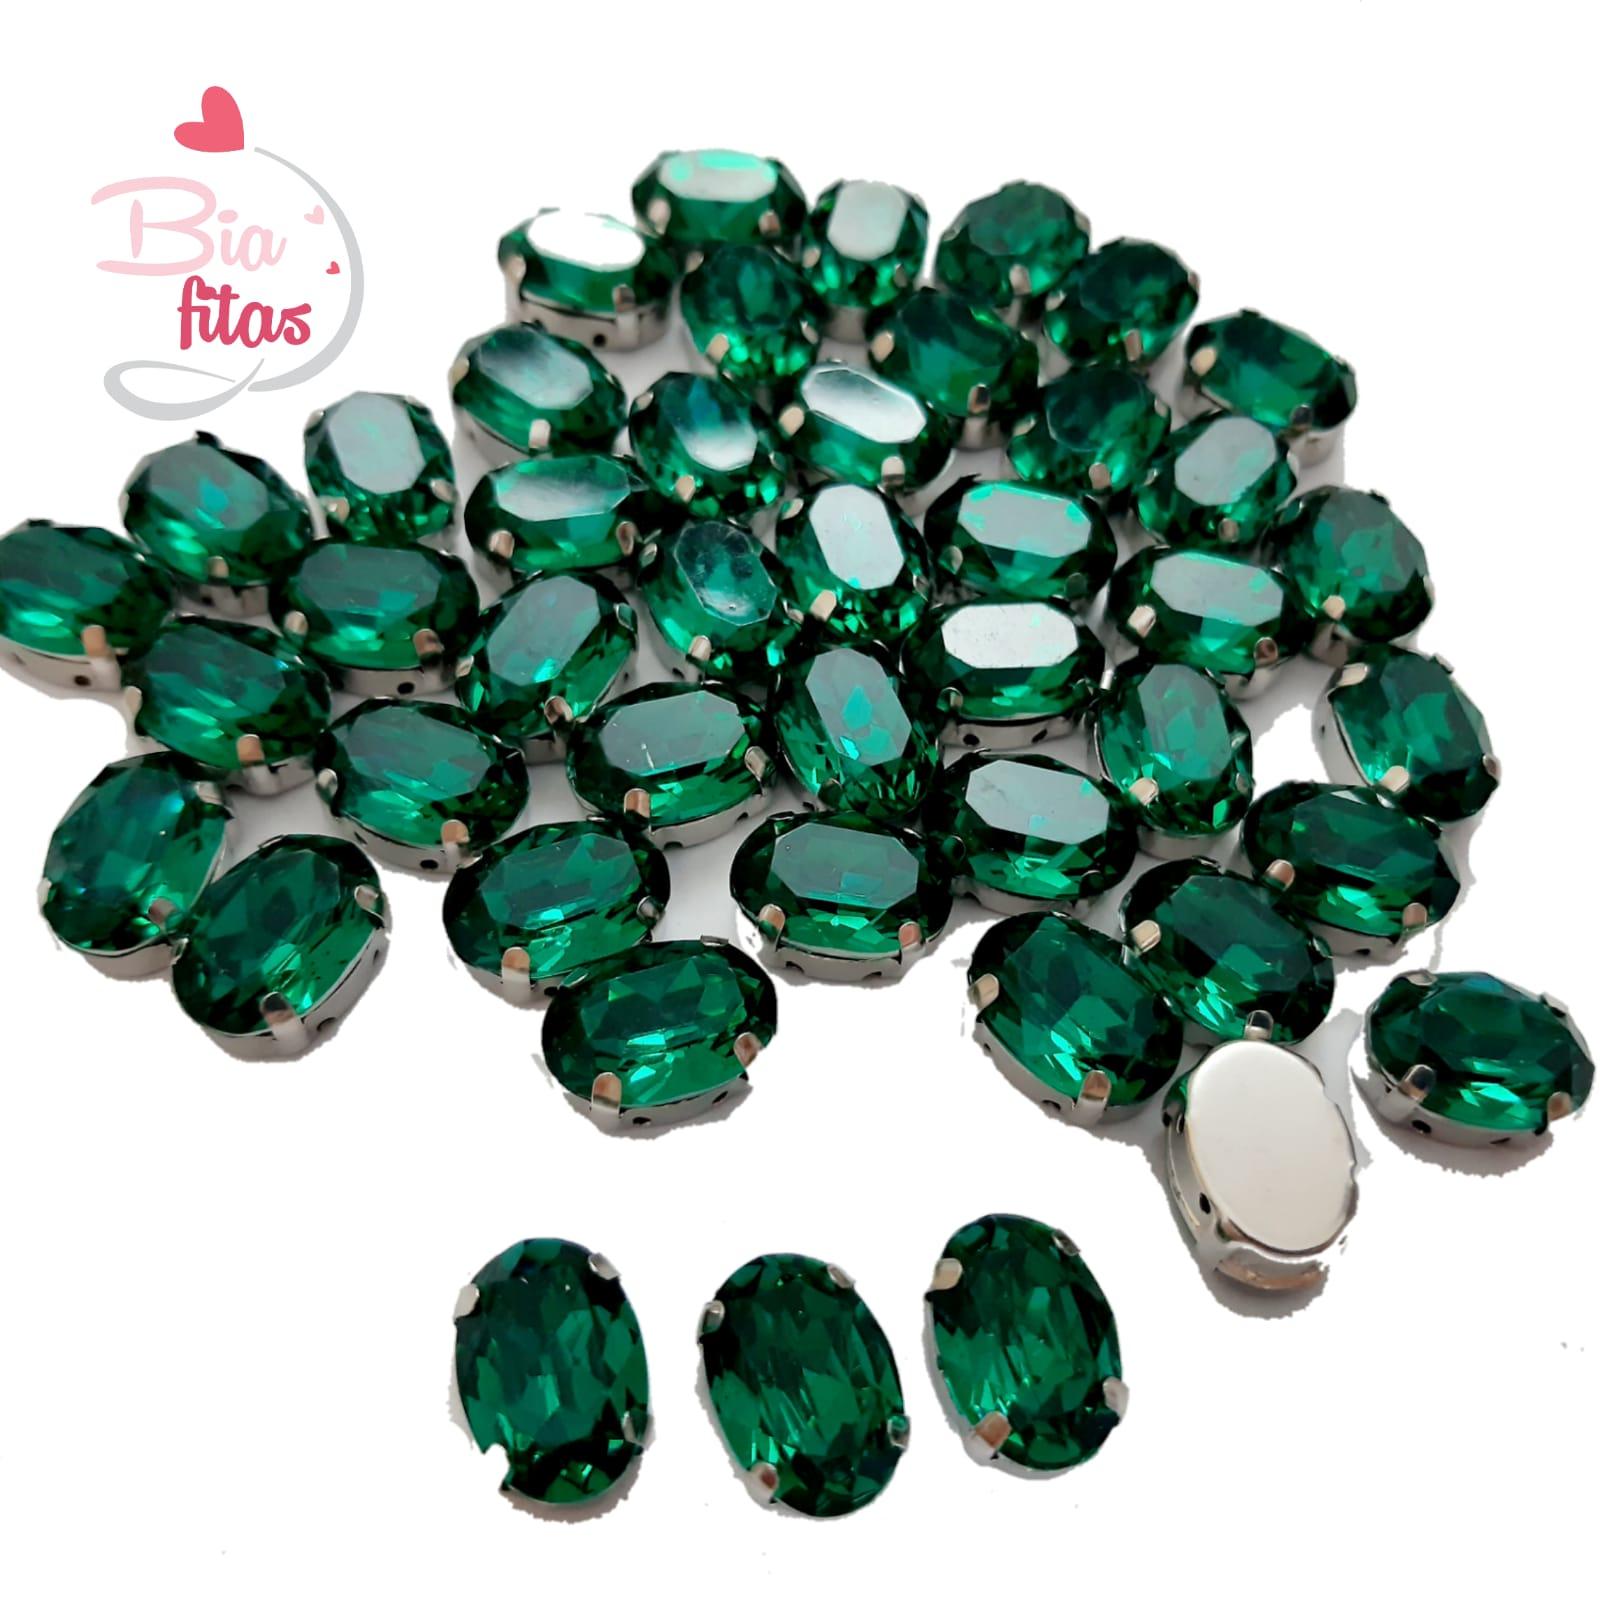 Chatom Pedra com Garras Oval Verde (5unidades)